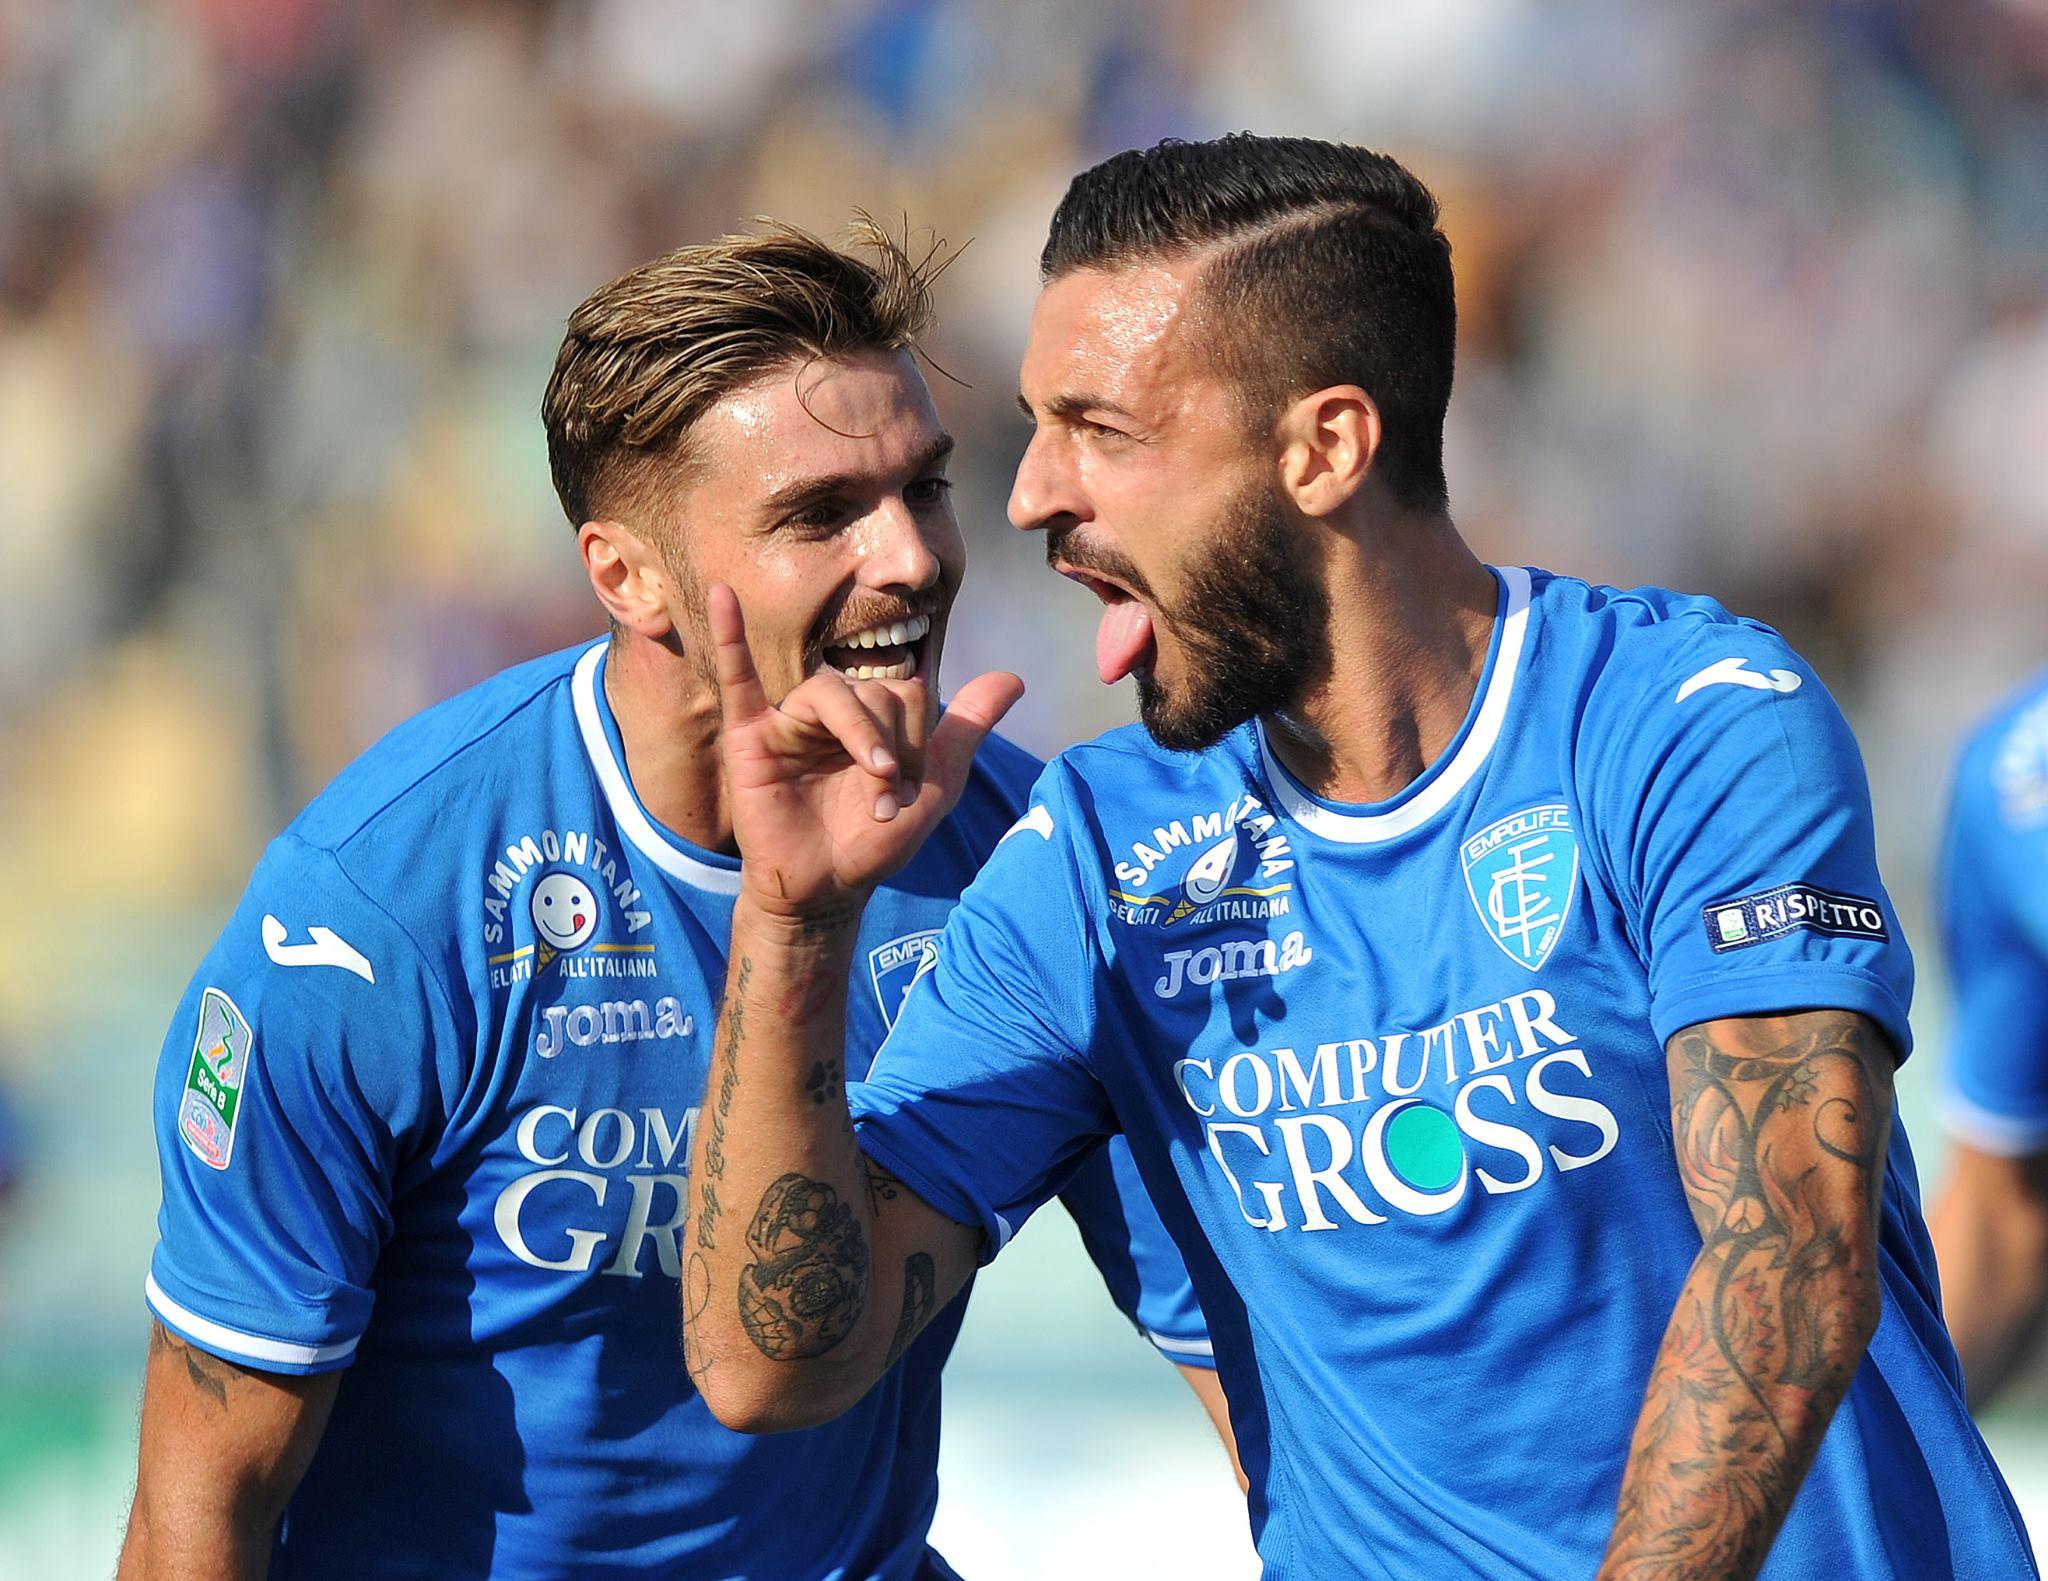 Serie A, i risultati della 6a giornata: l'Empoli ferma il Milan nel posticipo